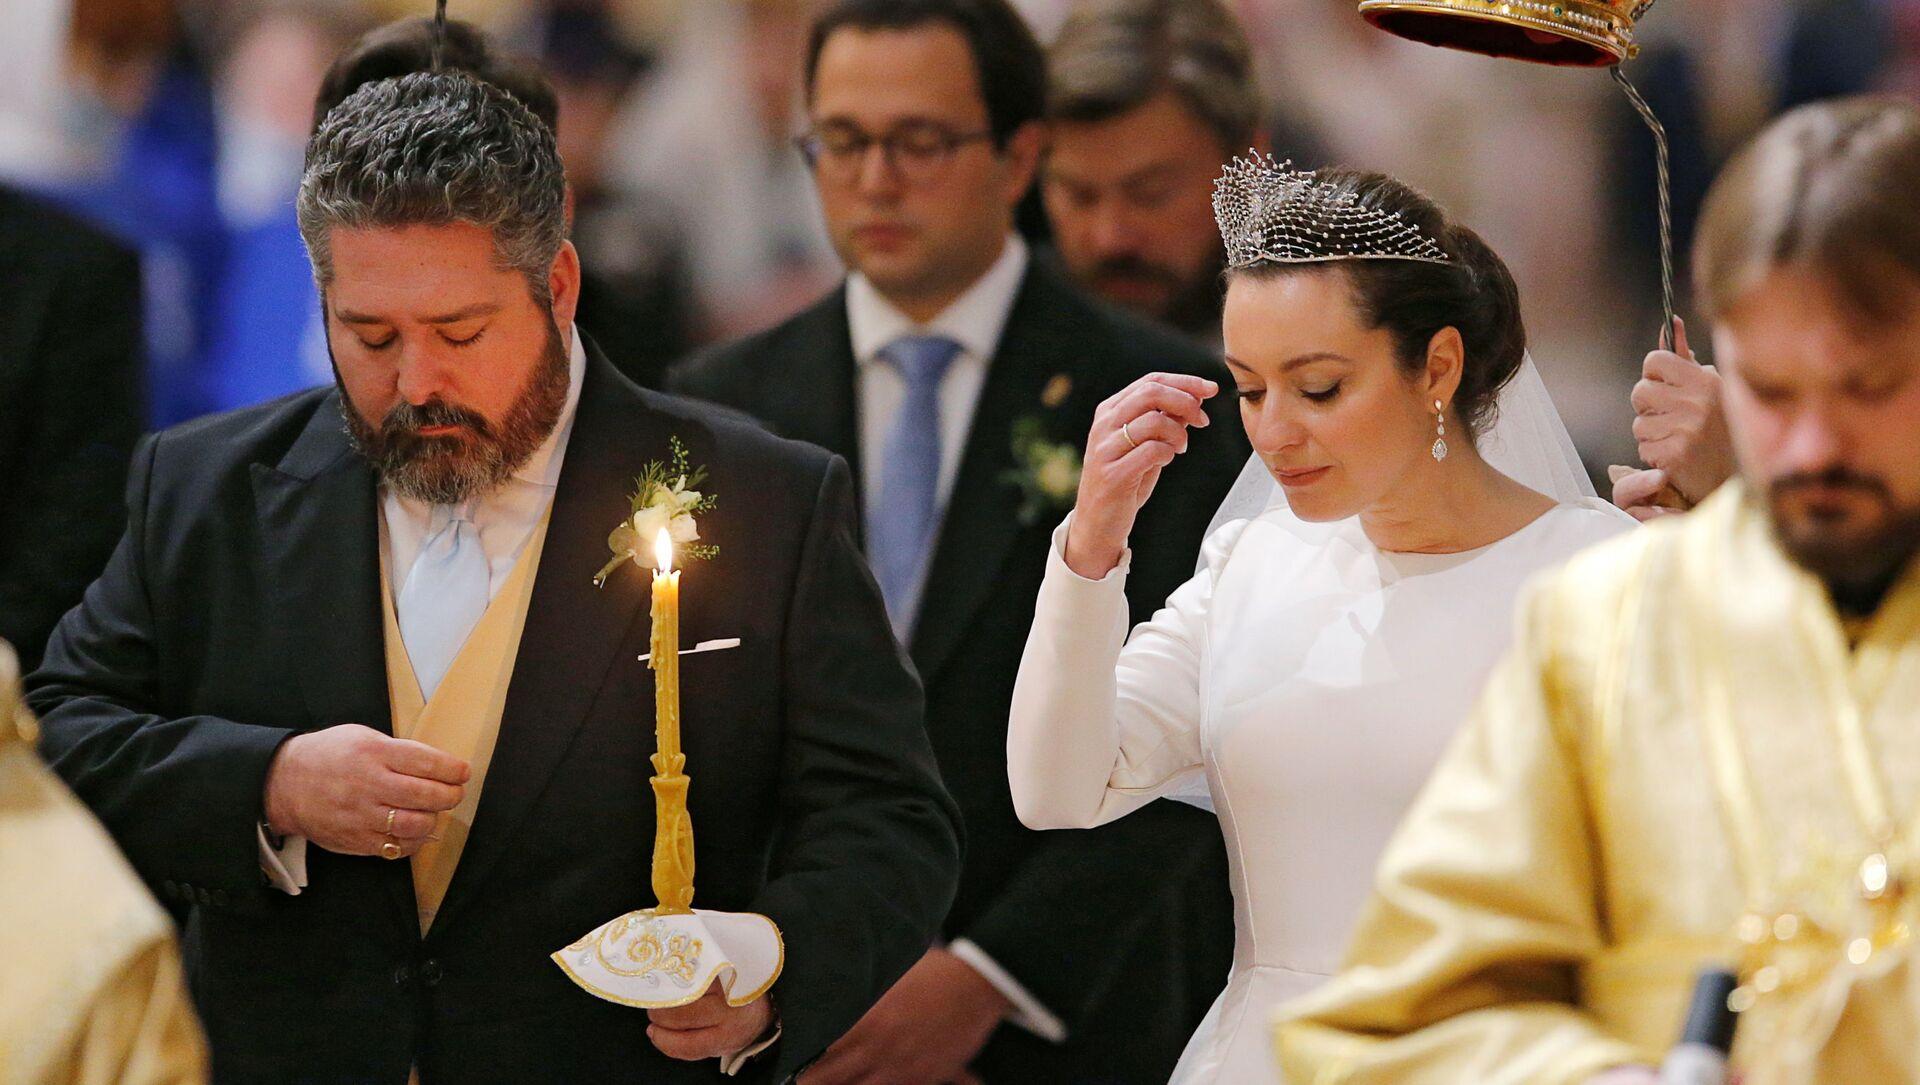 ペテルブルクで120年ぶり ロマノフ家後継者が挙式 - Sputnik 日本, 1920, 01.10.2021